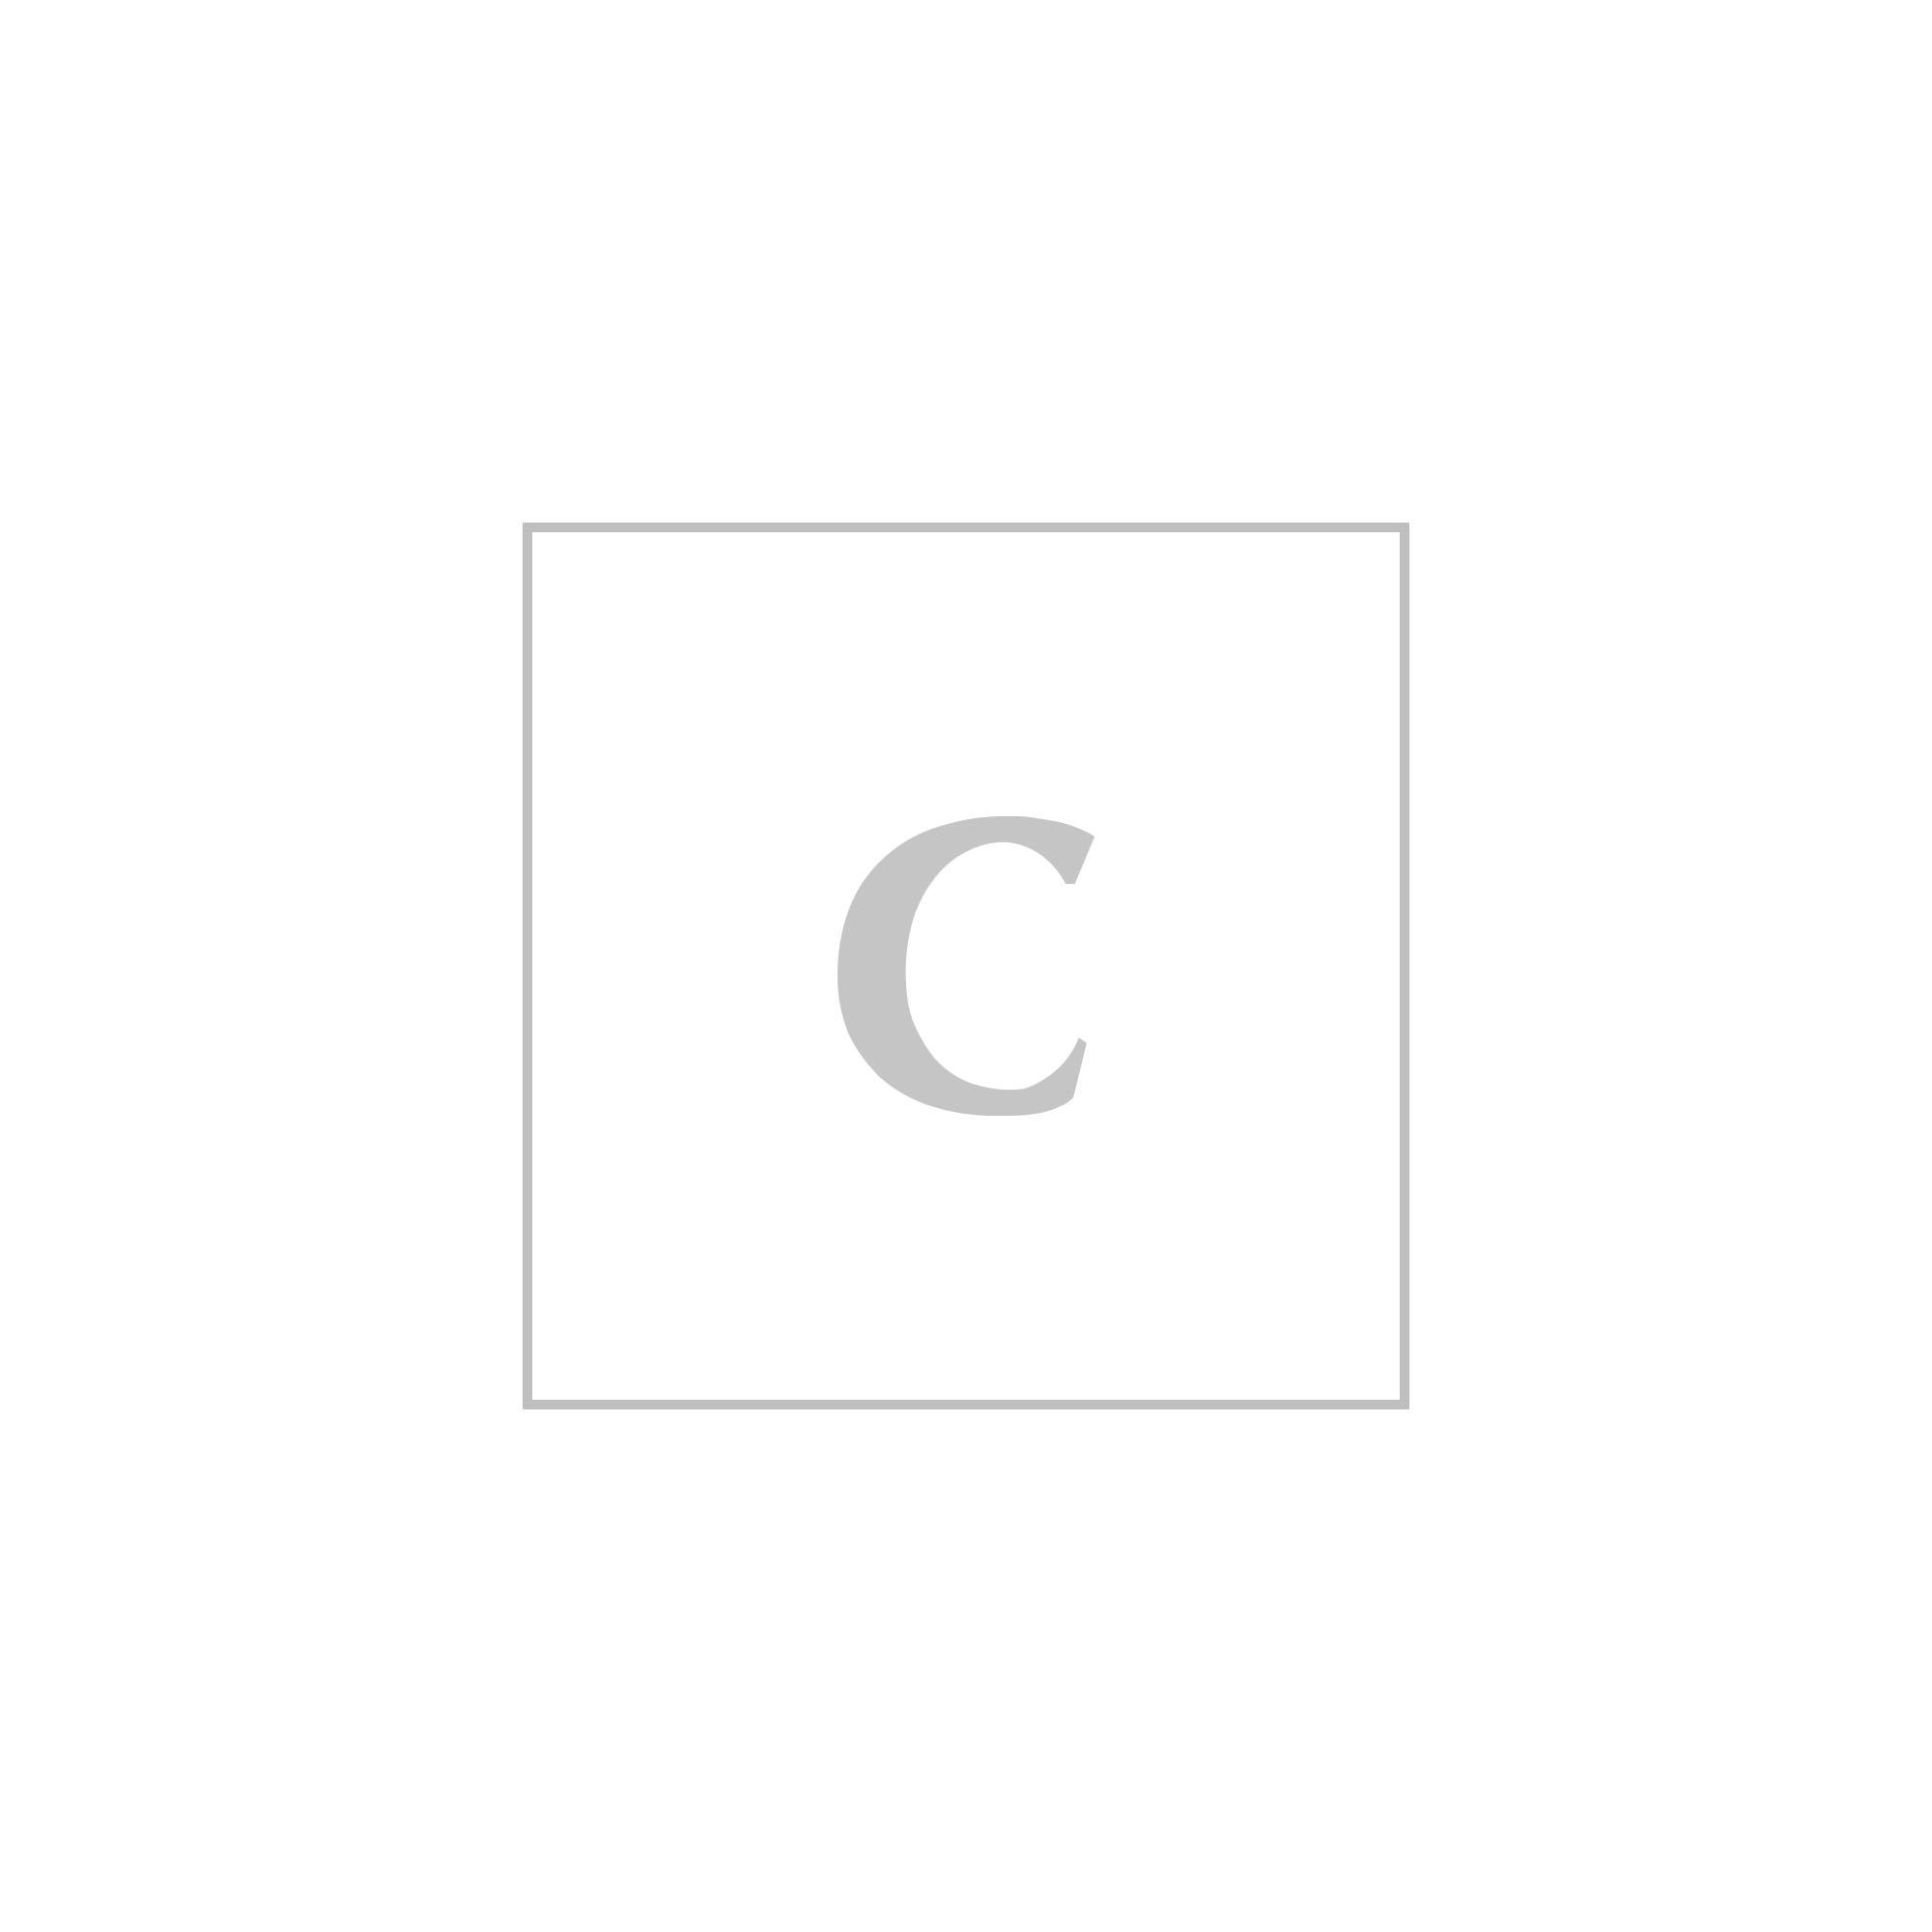 Dolce & gabbana cintura logata stampa dauphine